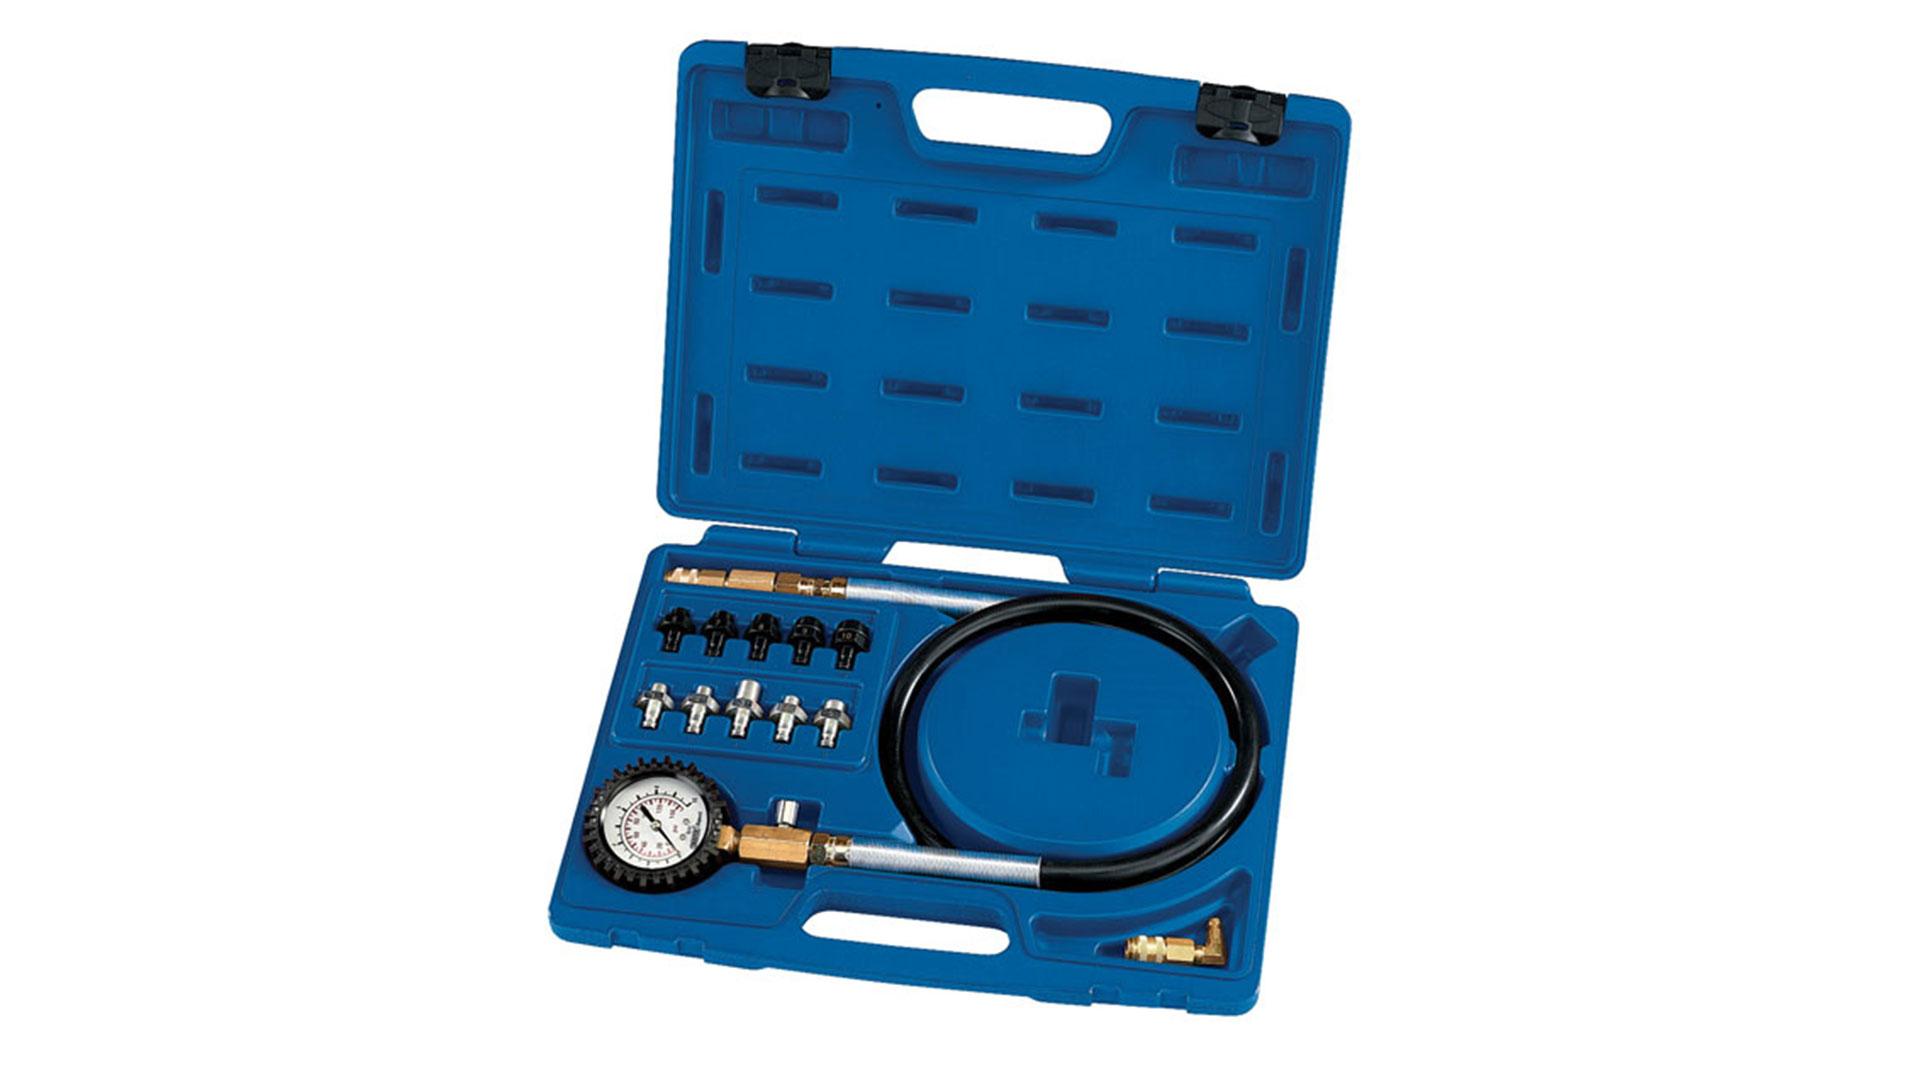 draper 43054 12 piece oil pressure test kit